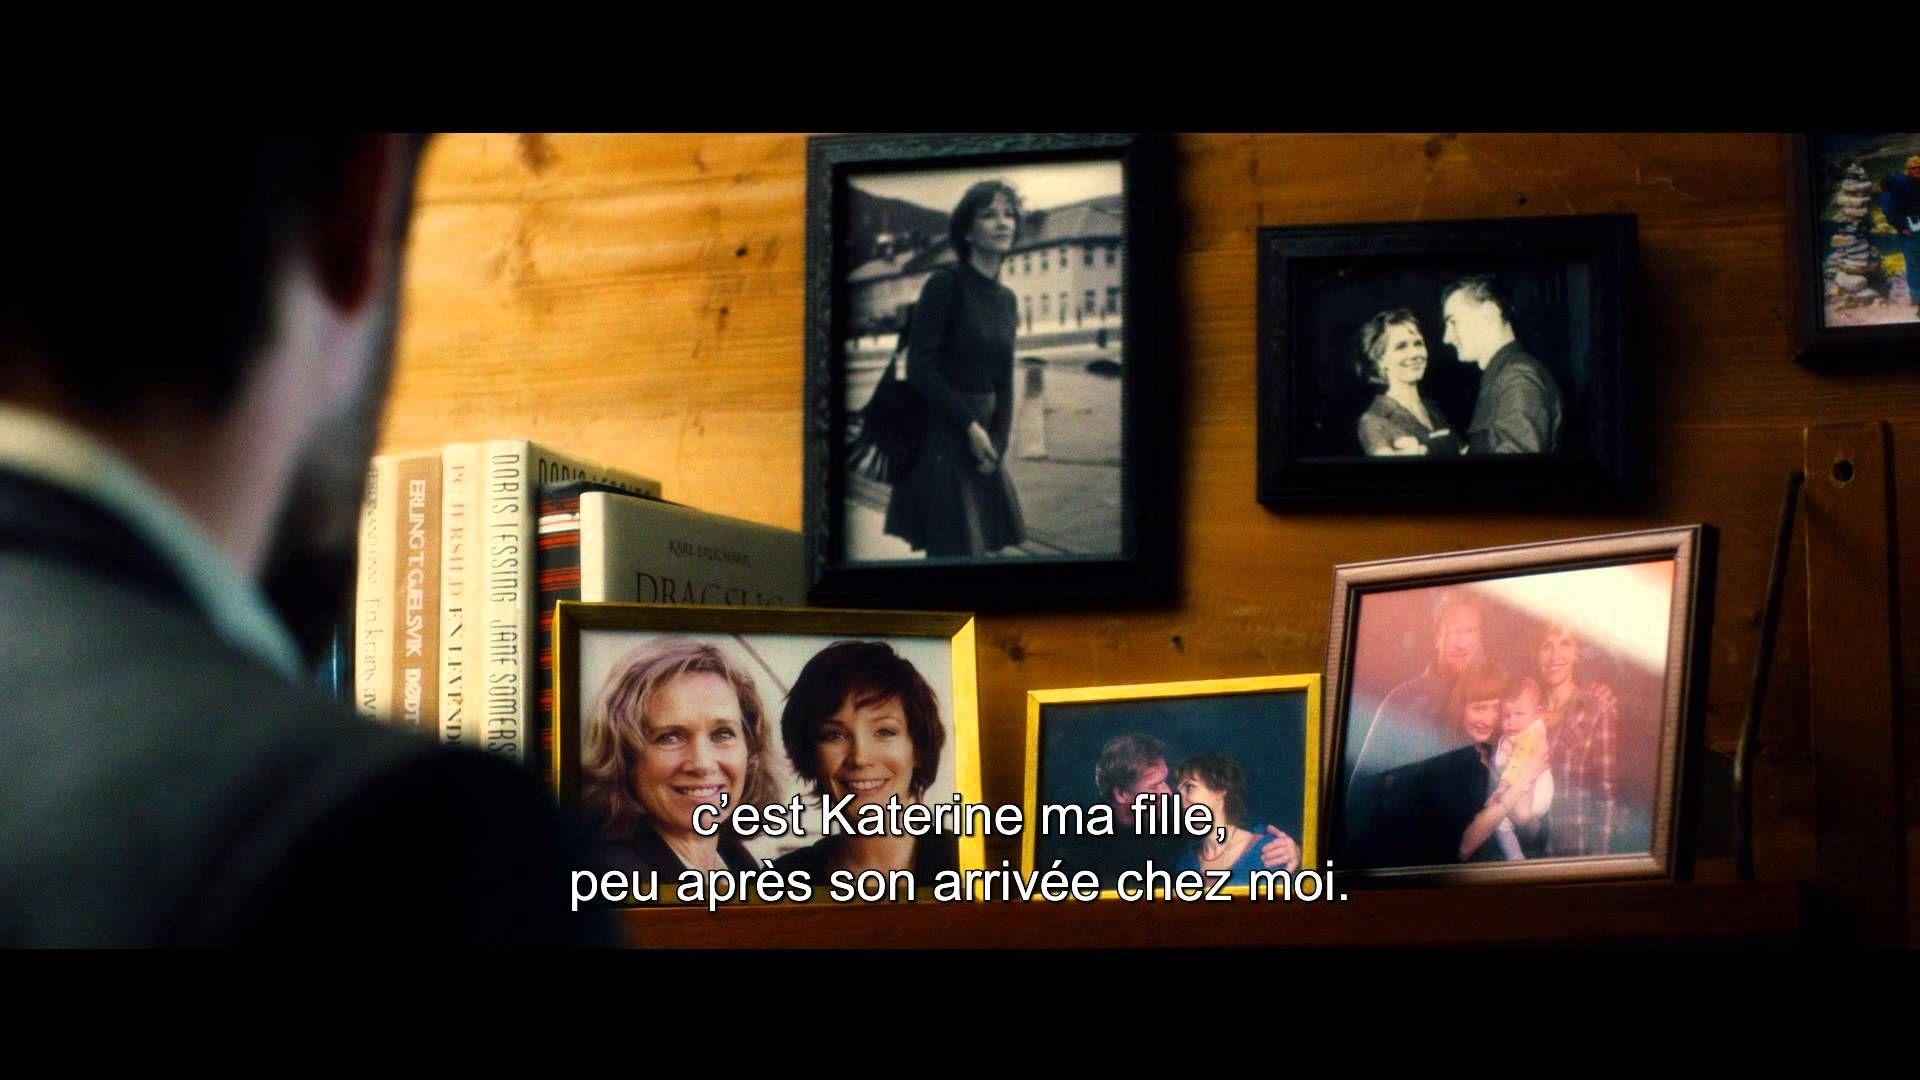 """D'UNE VIE A L'AUTRE de Georges Maas / Katrine vit avec sa famille en Norvège lorsque tombe le mur de Berlin. Fruit des amours d'une Norvégienne avec un soldat allemand pendant la 2nde Guerre mondiale, elle a fuit la RDA 20 ans auparavant. Telle est officiellement son histoire, mais tout se fissure car sa vie ne se résume pas au destin de ces """"enfants de la honte"""" du Lebensborn, rejetés par l'État norvégien..."""